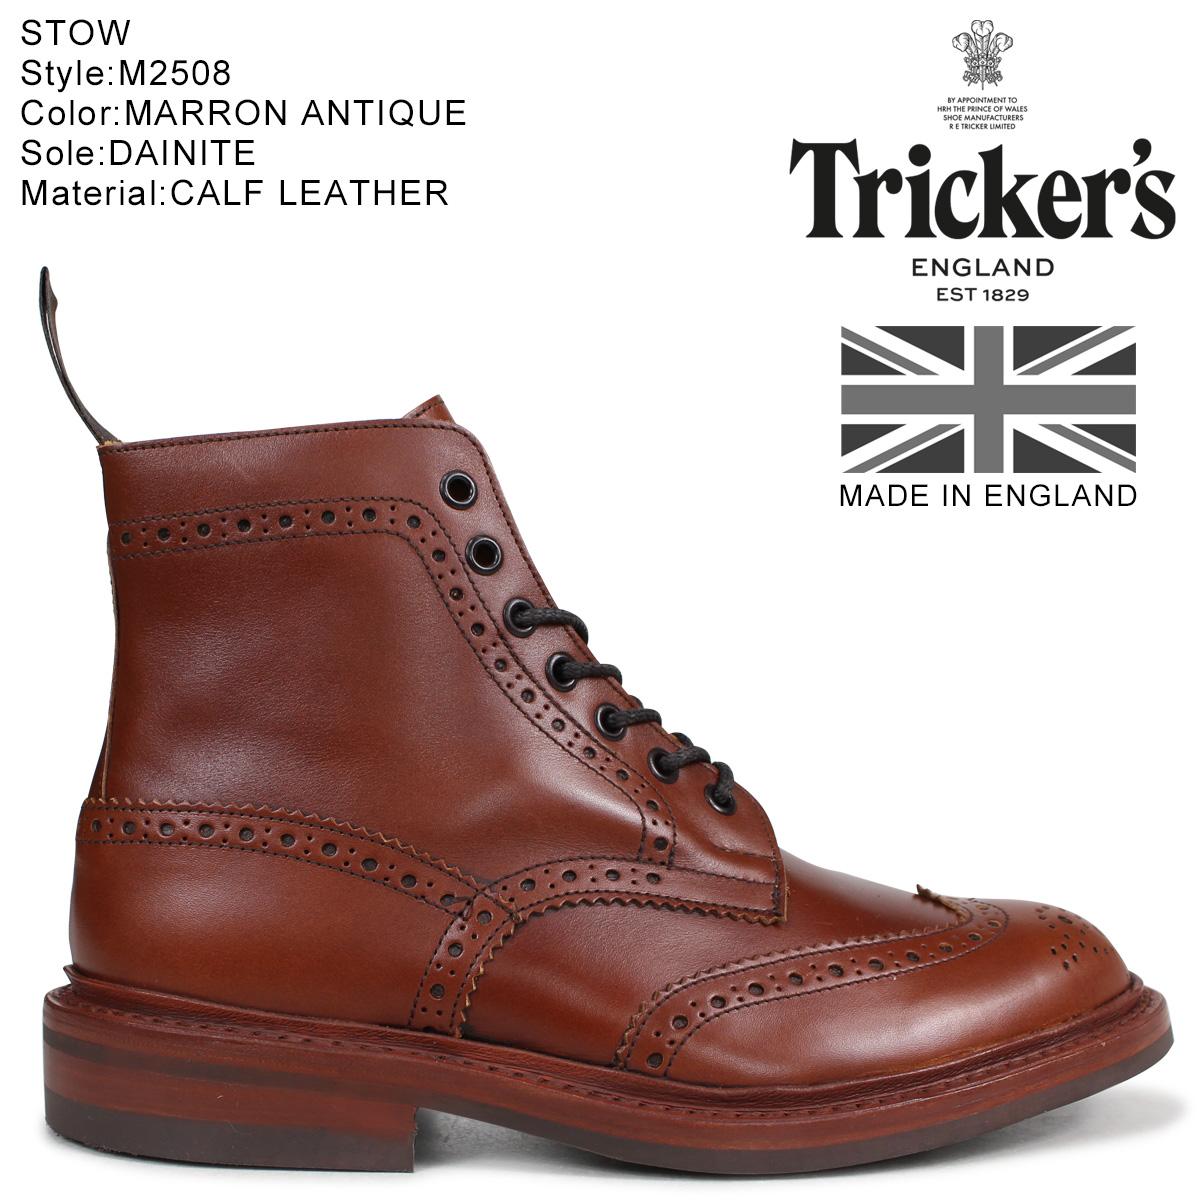 Tricker's トリッカーズ カントリーブーツ STOW M5634 5ワイズ メンズ